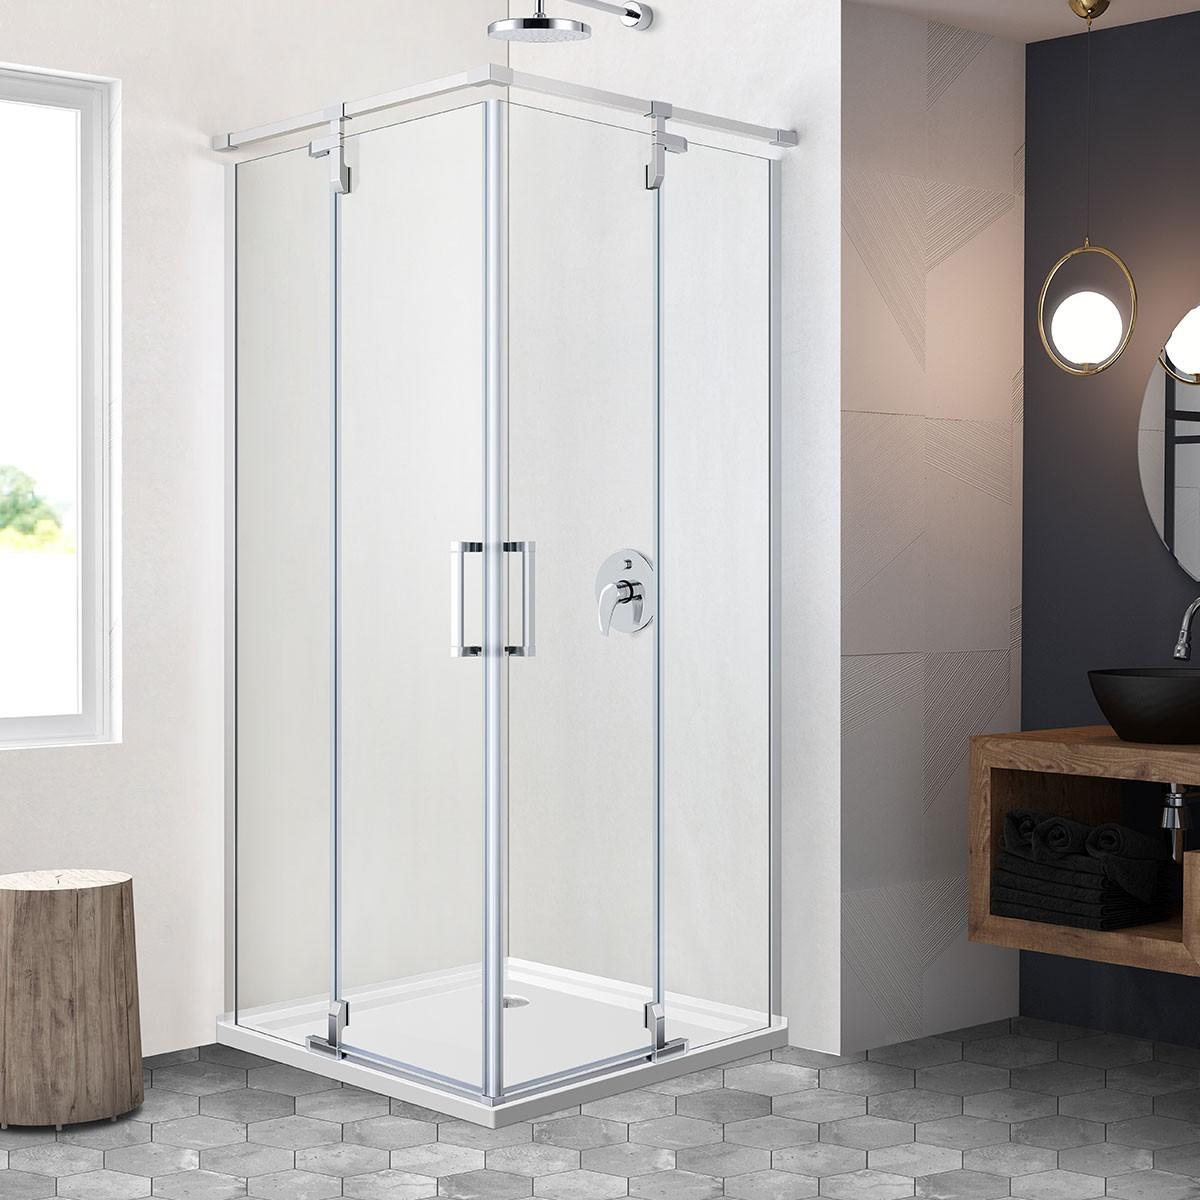 36 x 36 In. Square Shower Door (DK-ZD1001-6)